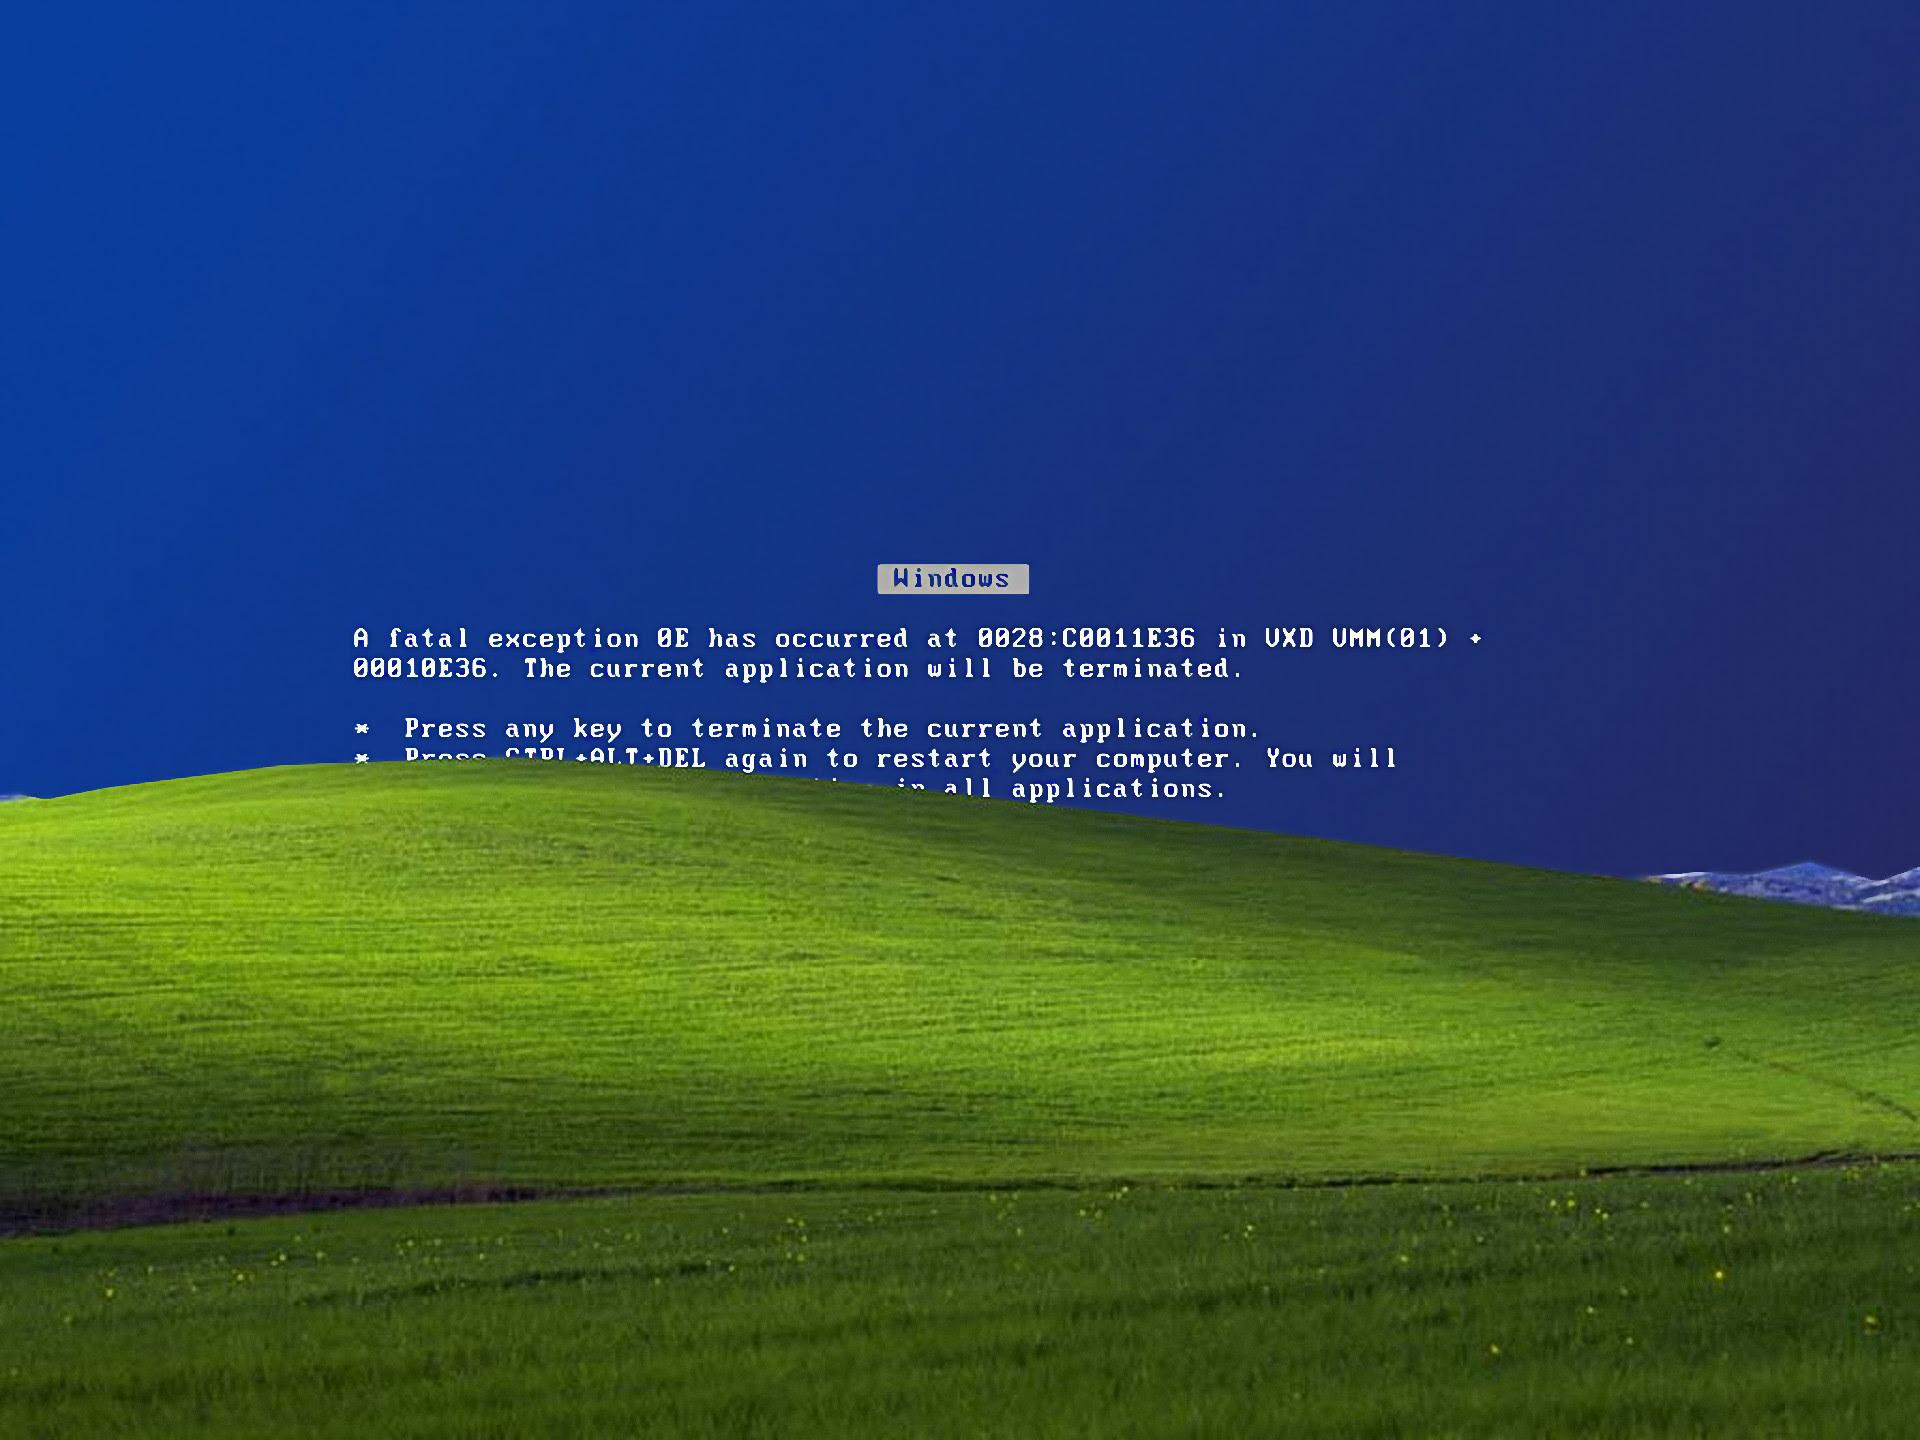 Broken Windows 7 Wallpaper 60 Images